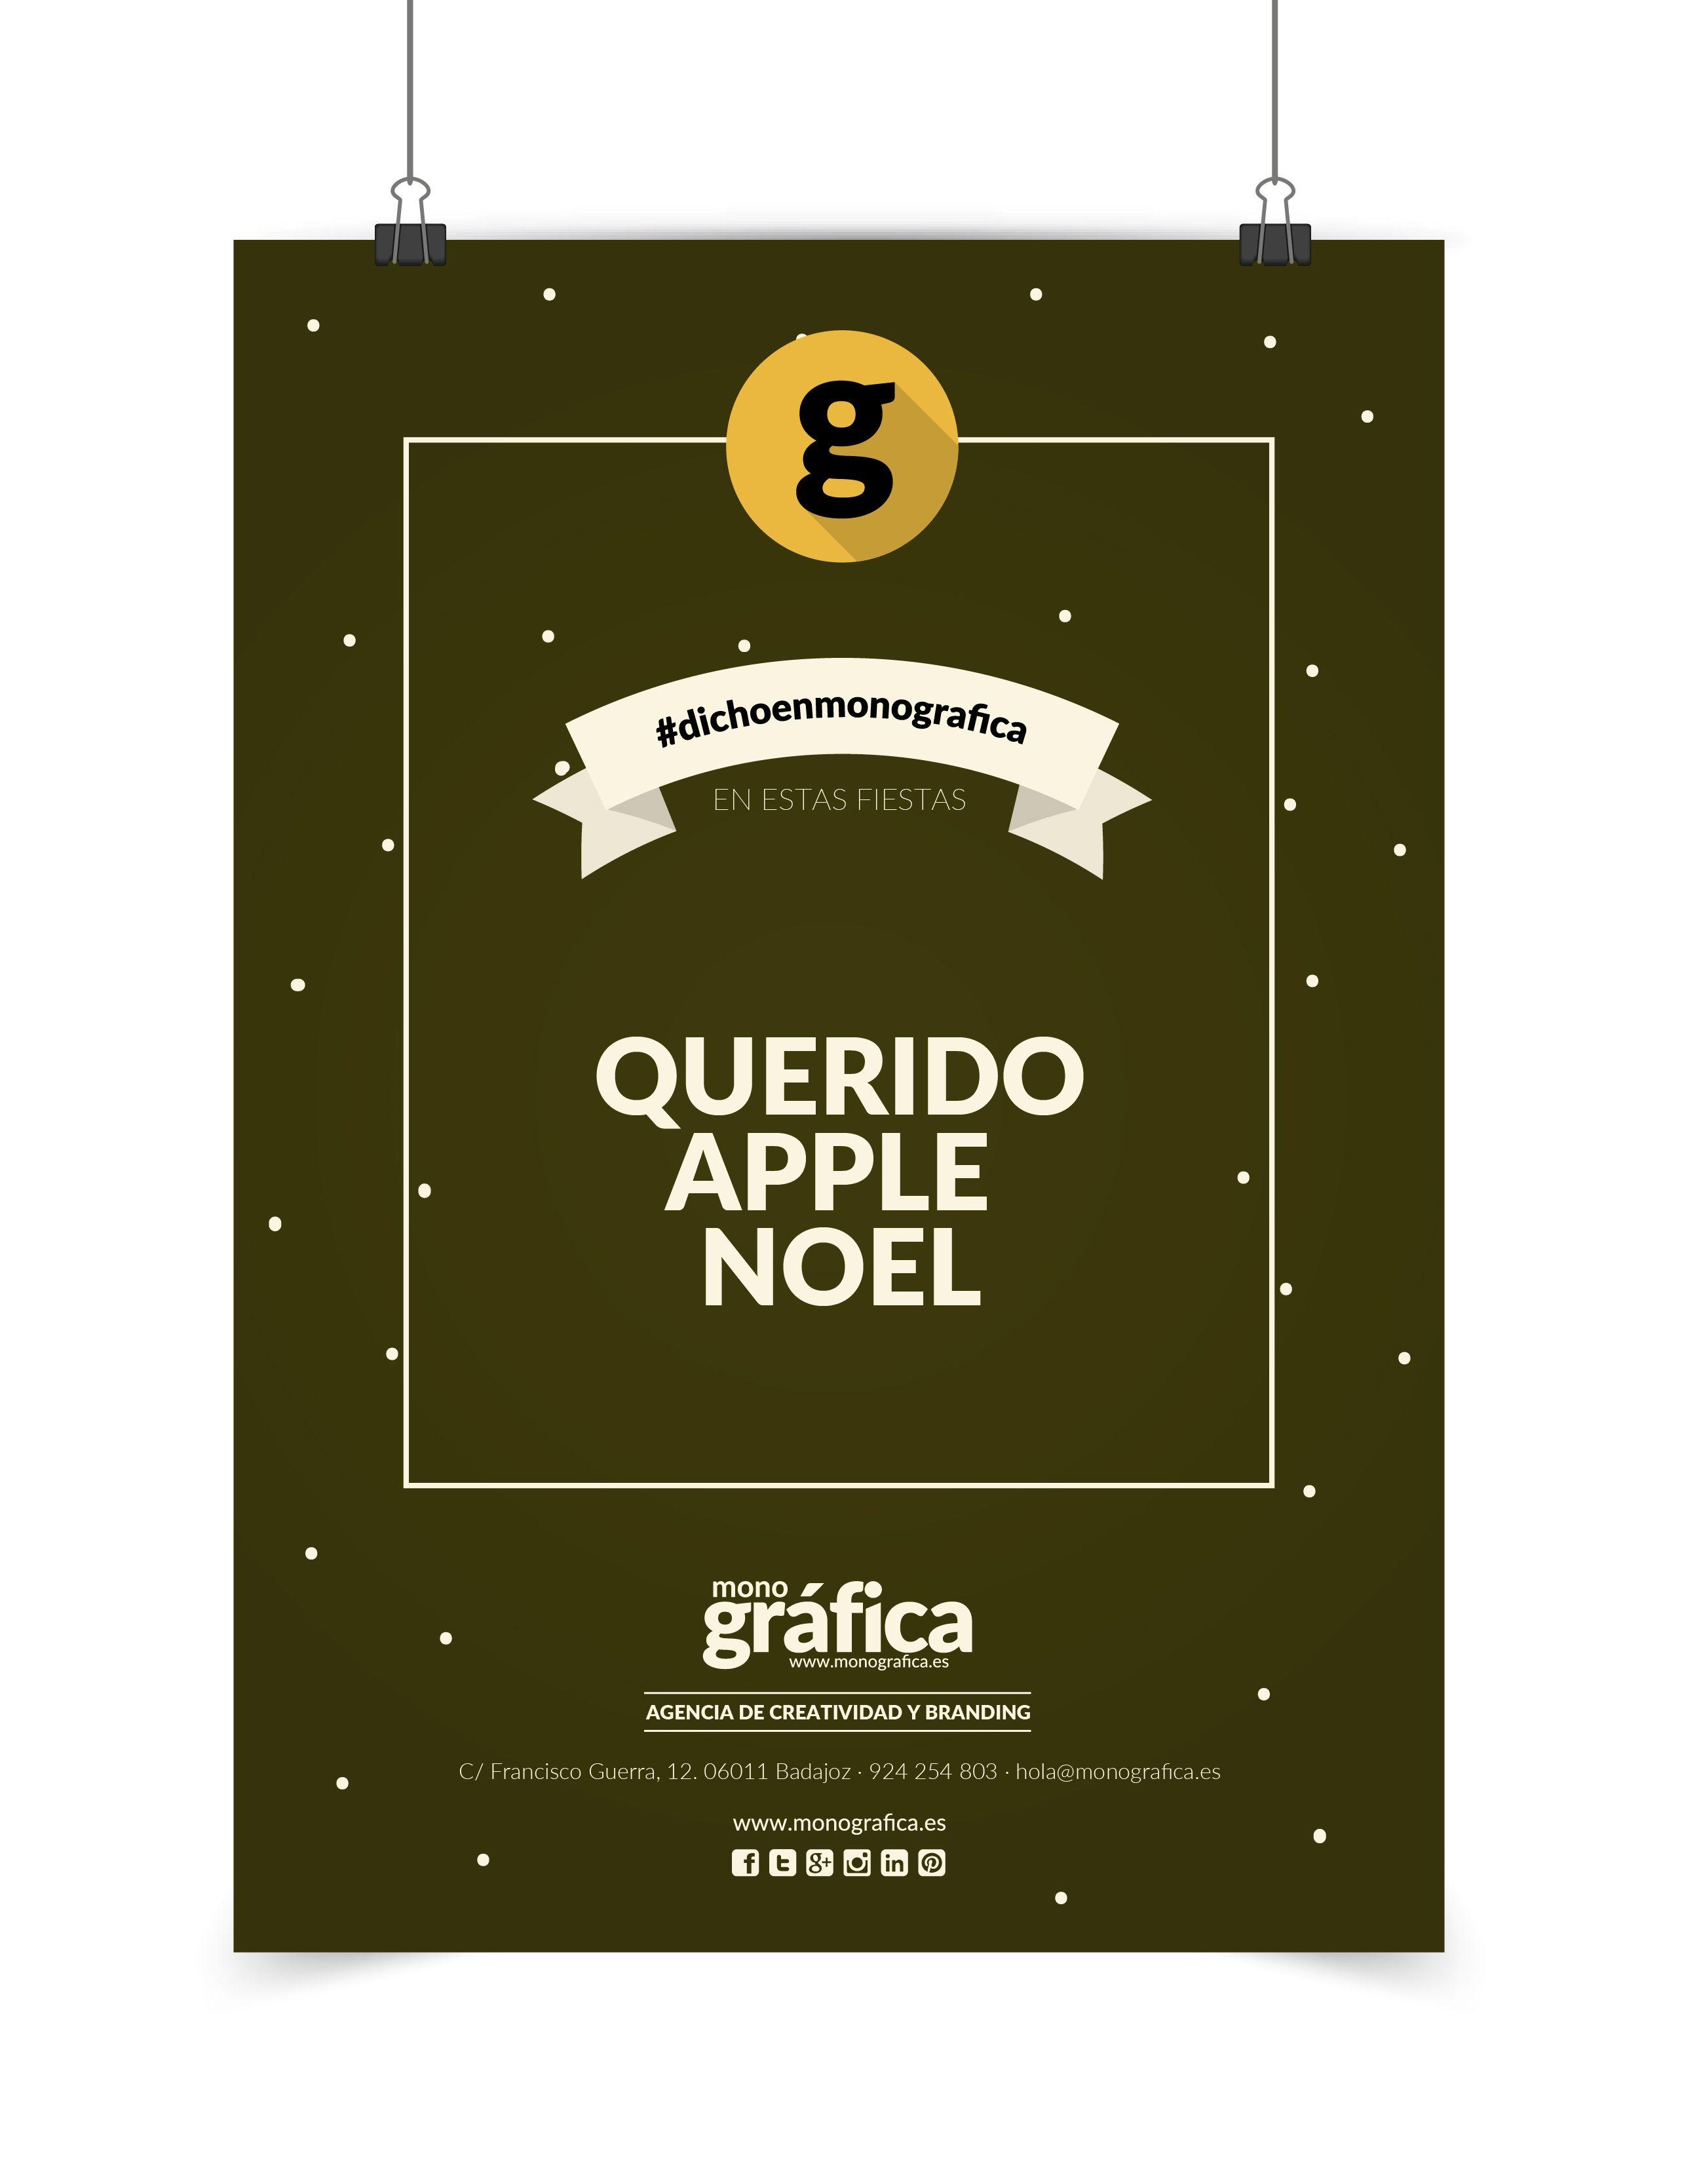 Navidad en MonoGráfica www.monografica.es #diseño #creatividad #publicidad #branding #graphicdesign #corporative #agency #navidad #christmas